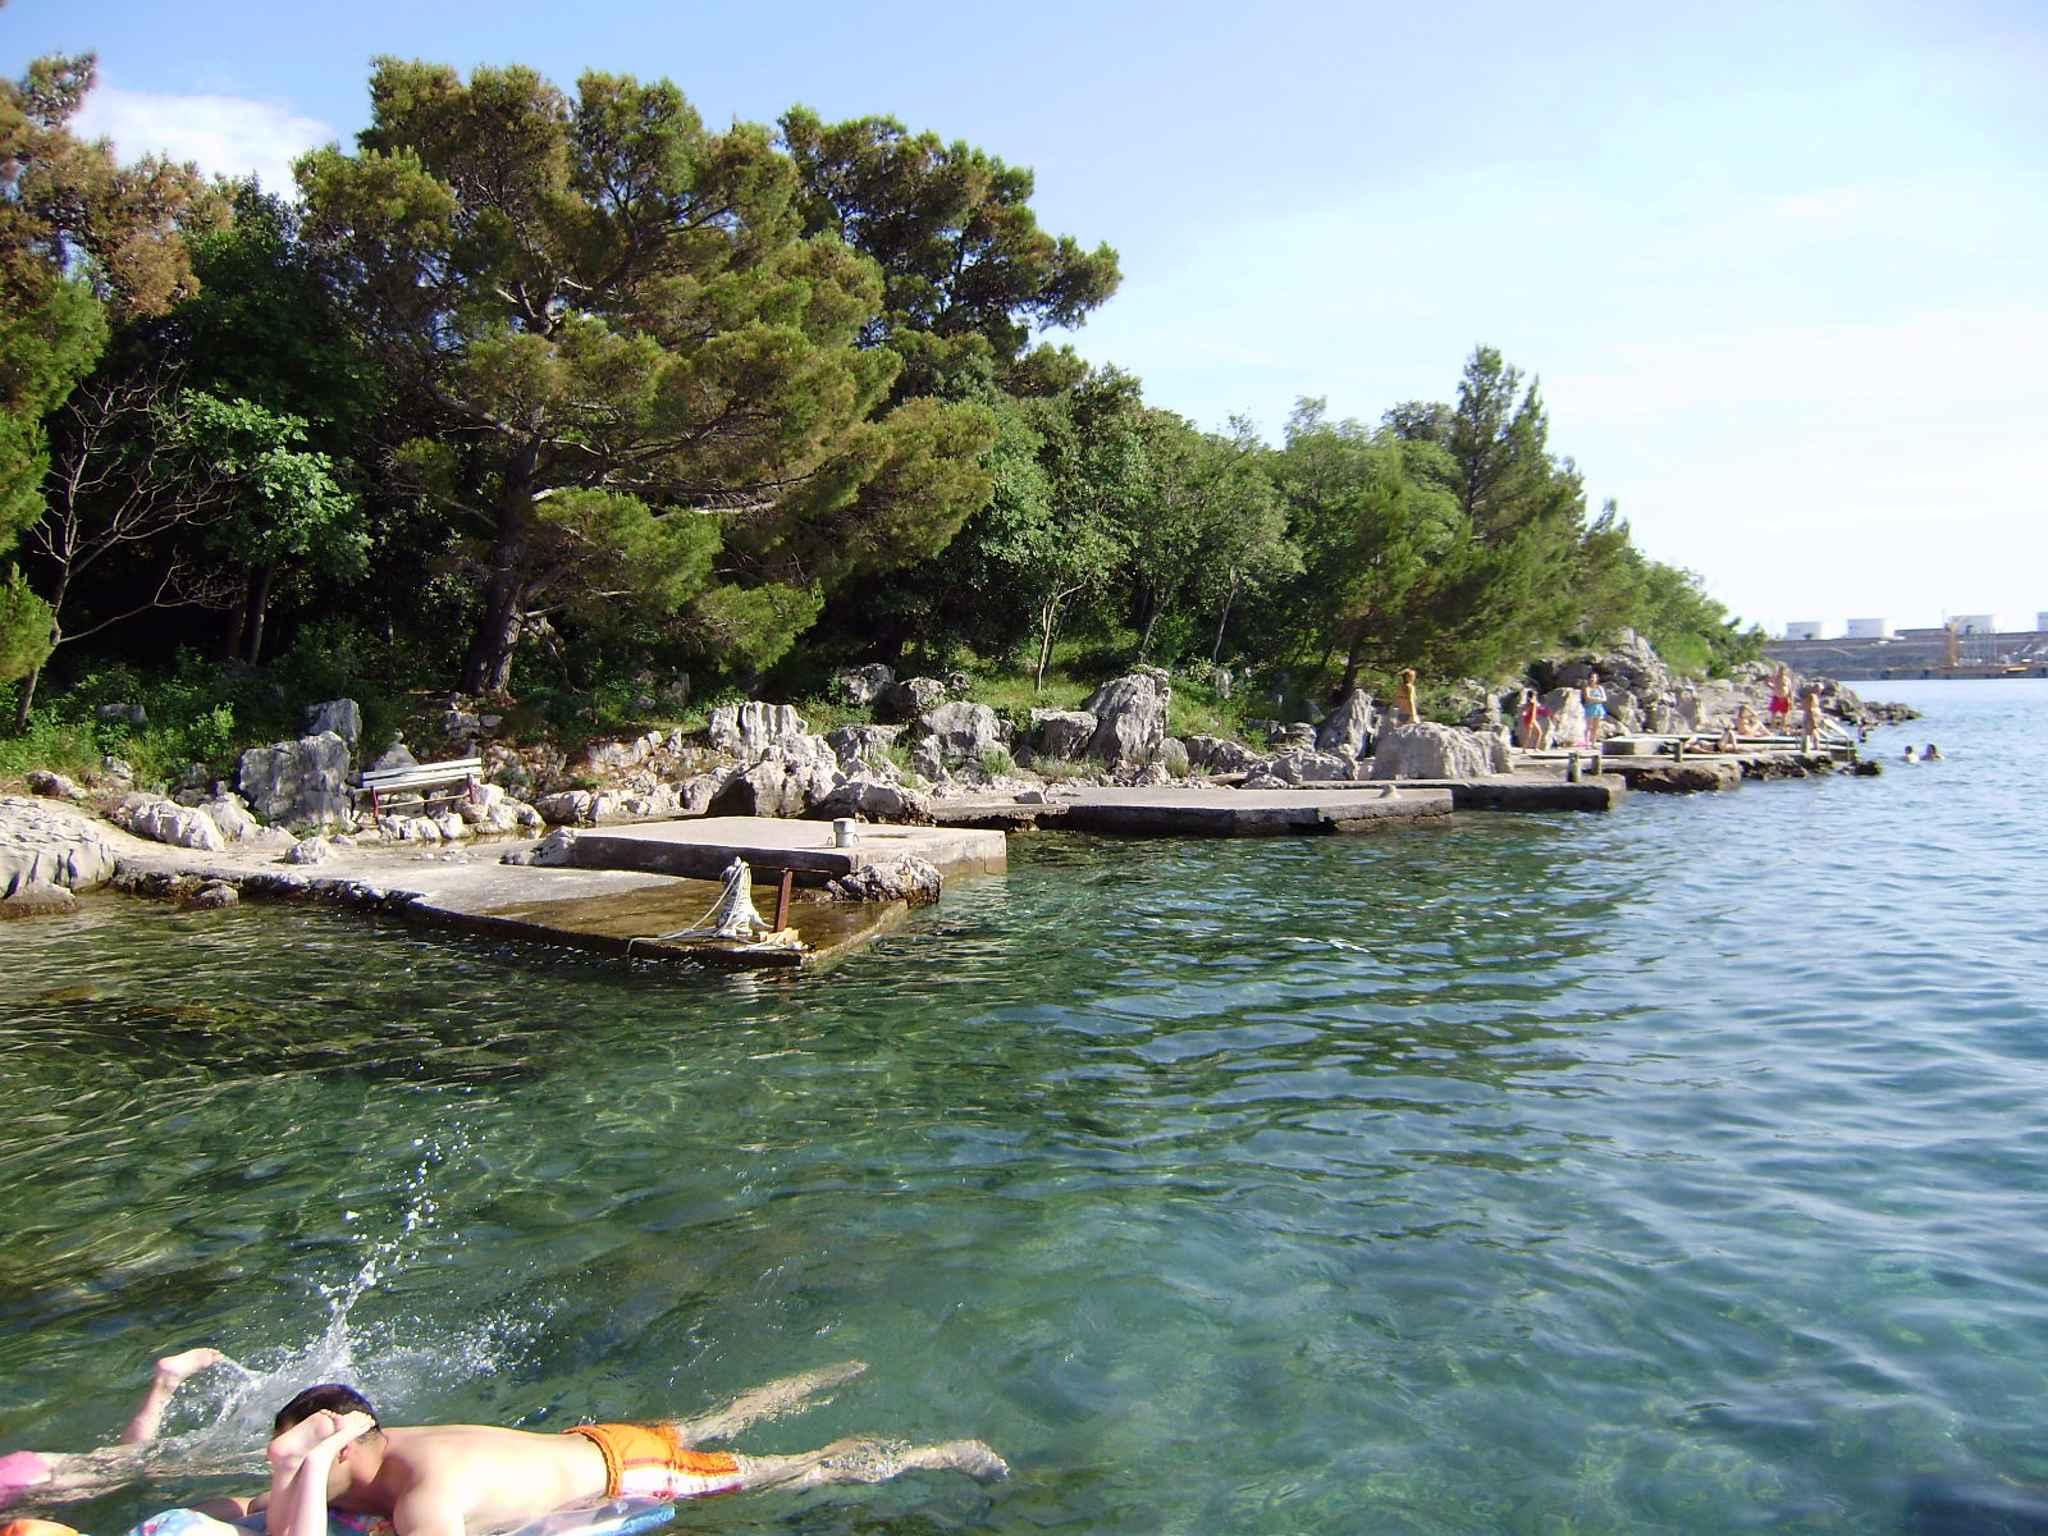 Ferienwohnung mit Pool (280350), Porec, , Istrien, Kroatien, Bild 35